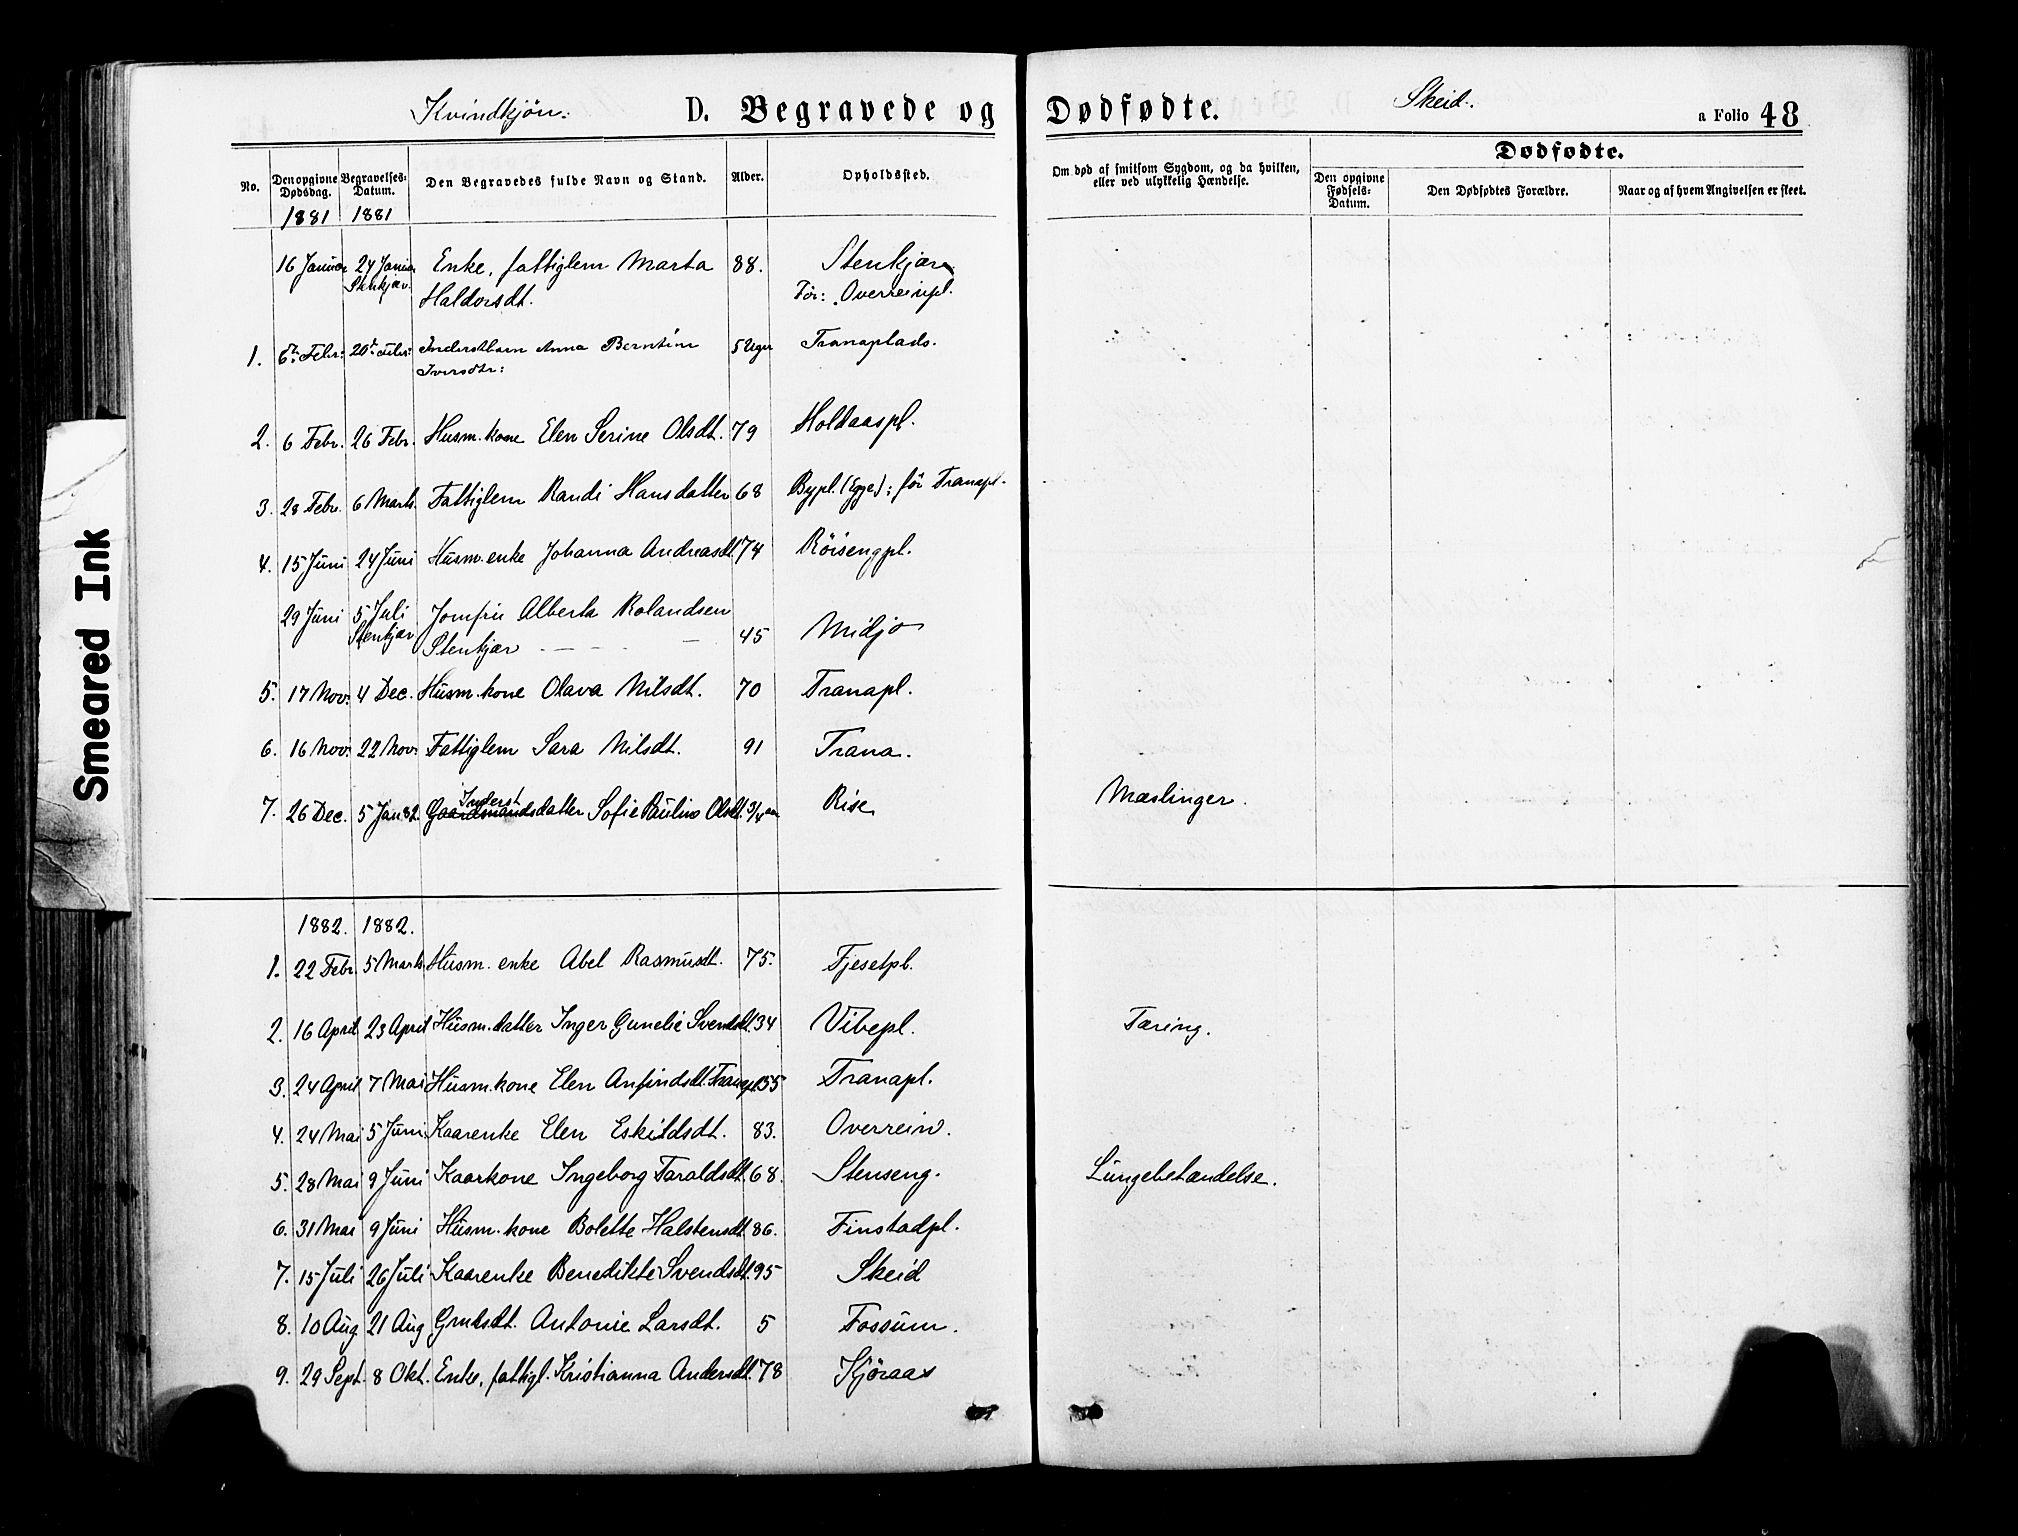 SAT, Ministerialprotokoller, klokkerbøker og fødselsregistre - Nord-Trøndelag, 735/L0348: Ministerialbok nr. 735A09 /2, 1873-1883, s. 48